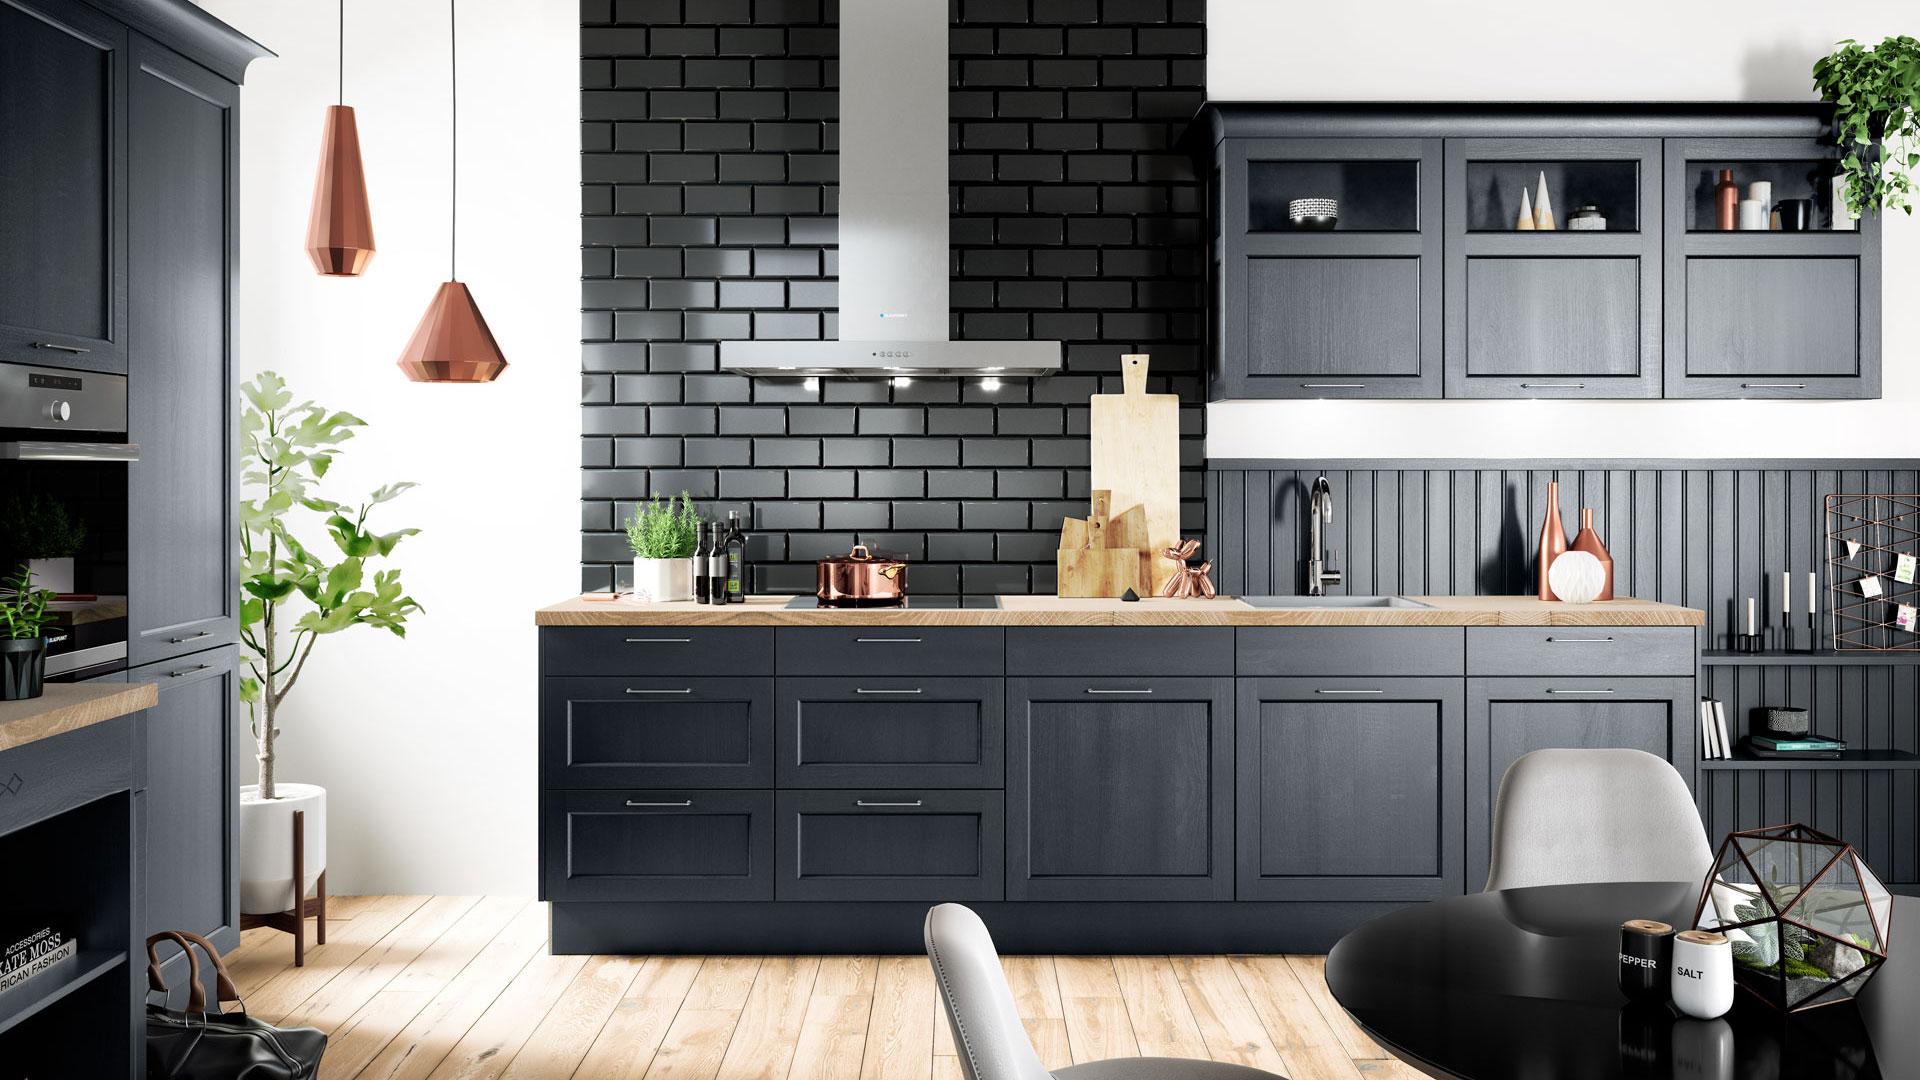 Landhausküche mit blauen Fronten und Miele Elektrogeräten bei Küchenwelt P und R in Leoben